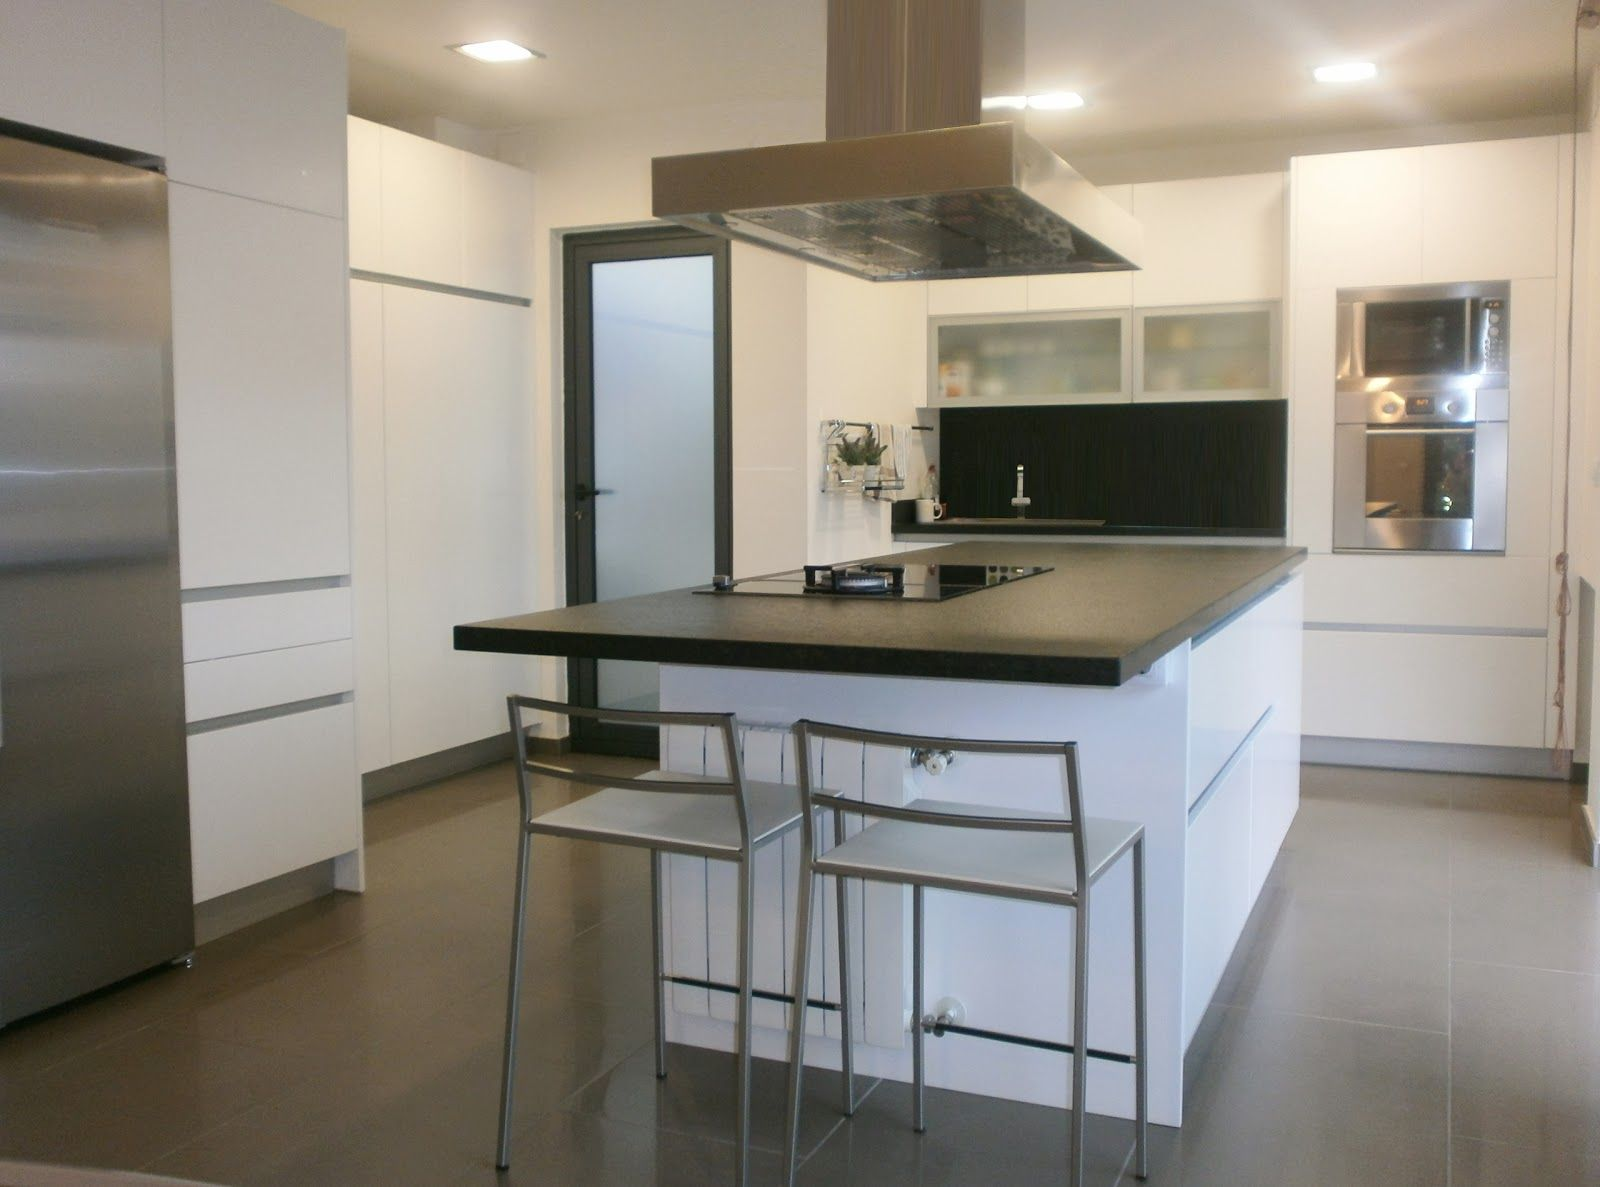 Granito negro y cocina blanca sobria y actual cocinas for Cocinas blancas con granito